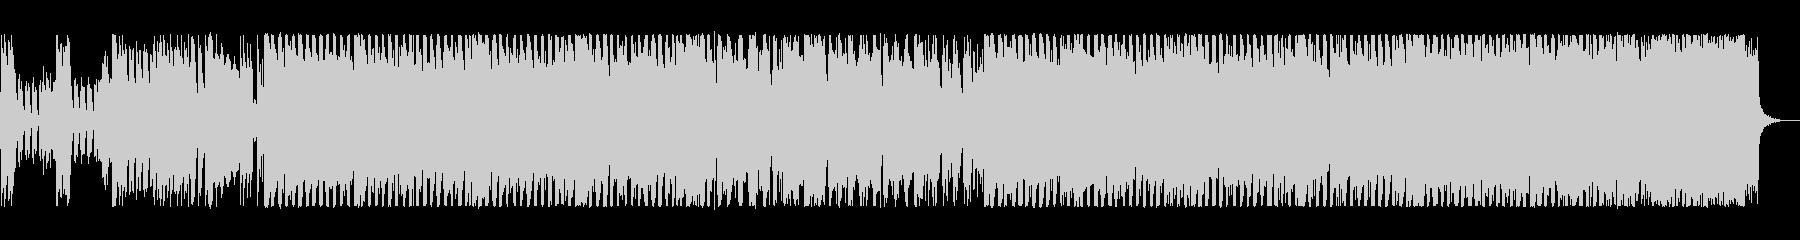 80s'エレクトリック・ポップの未再生の波形